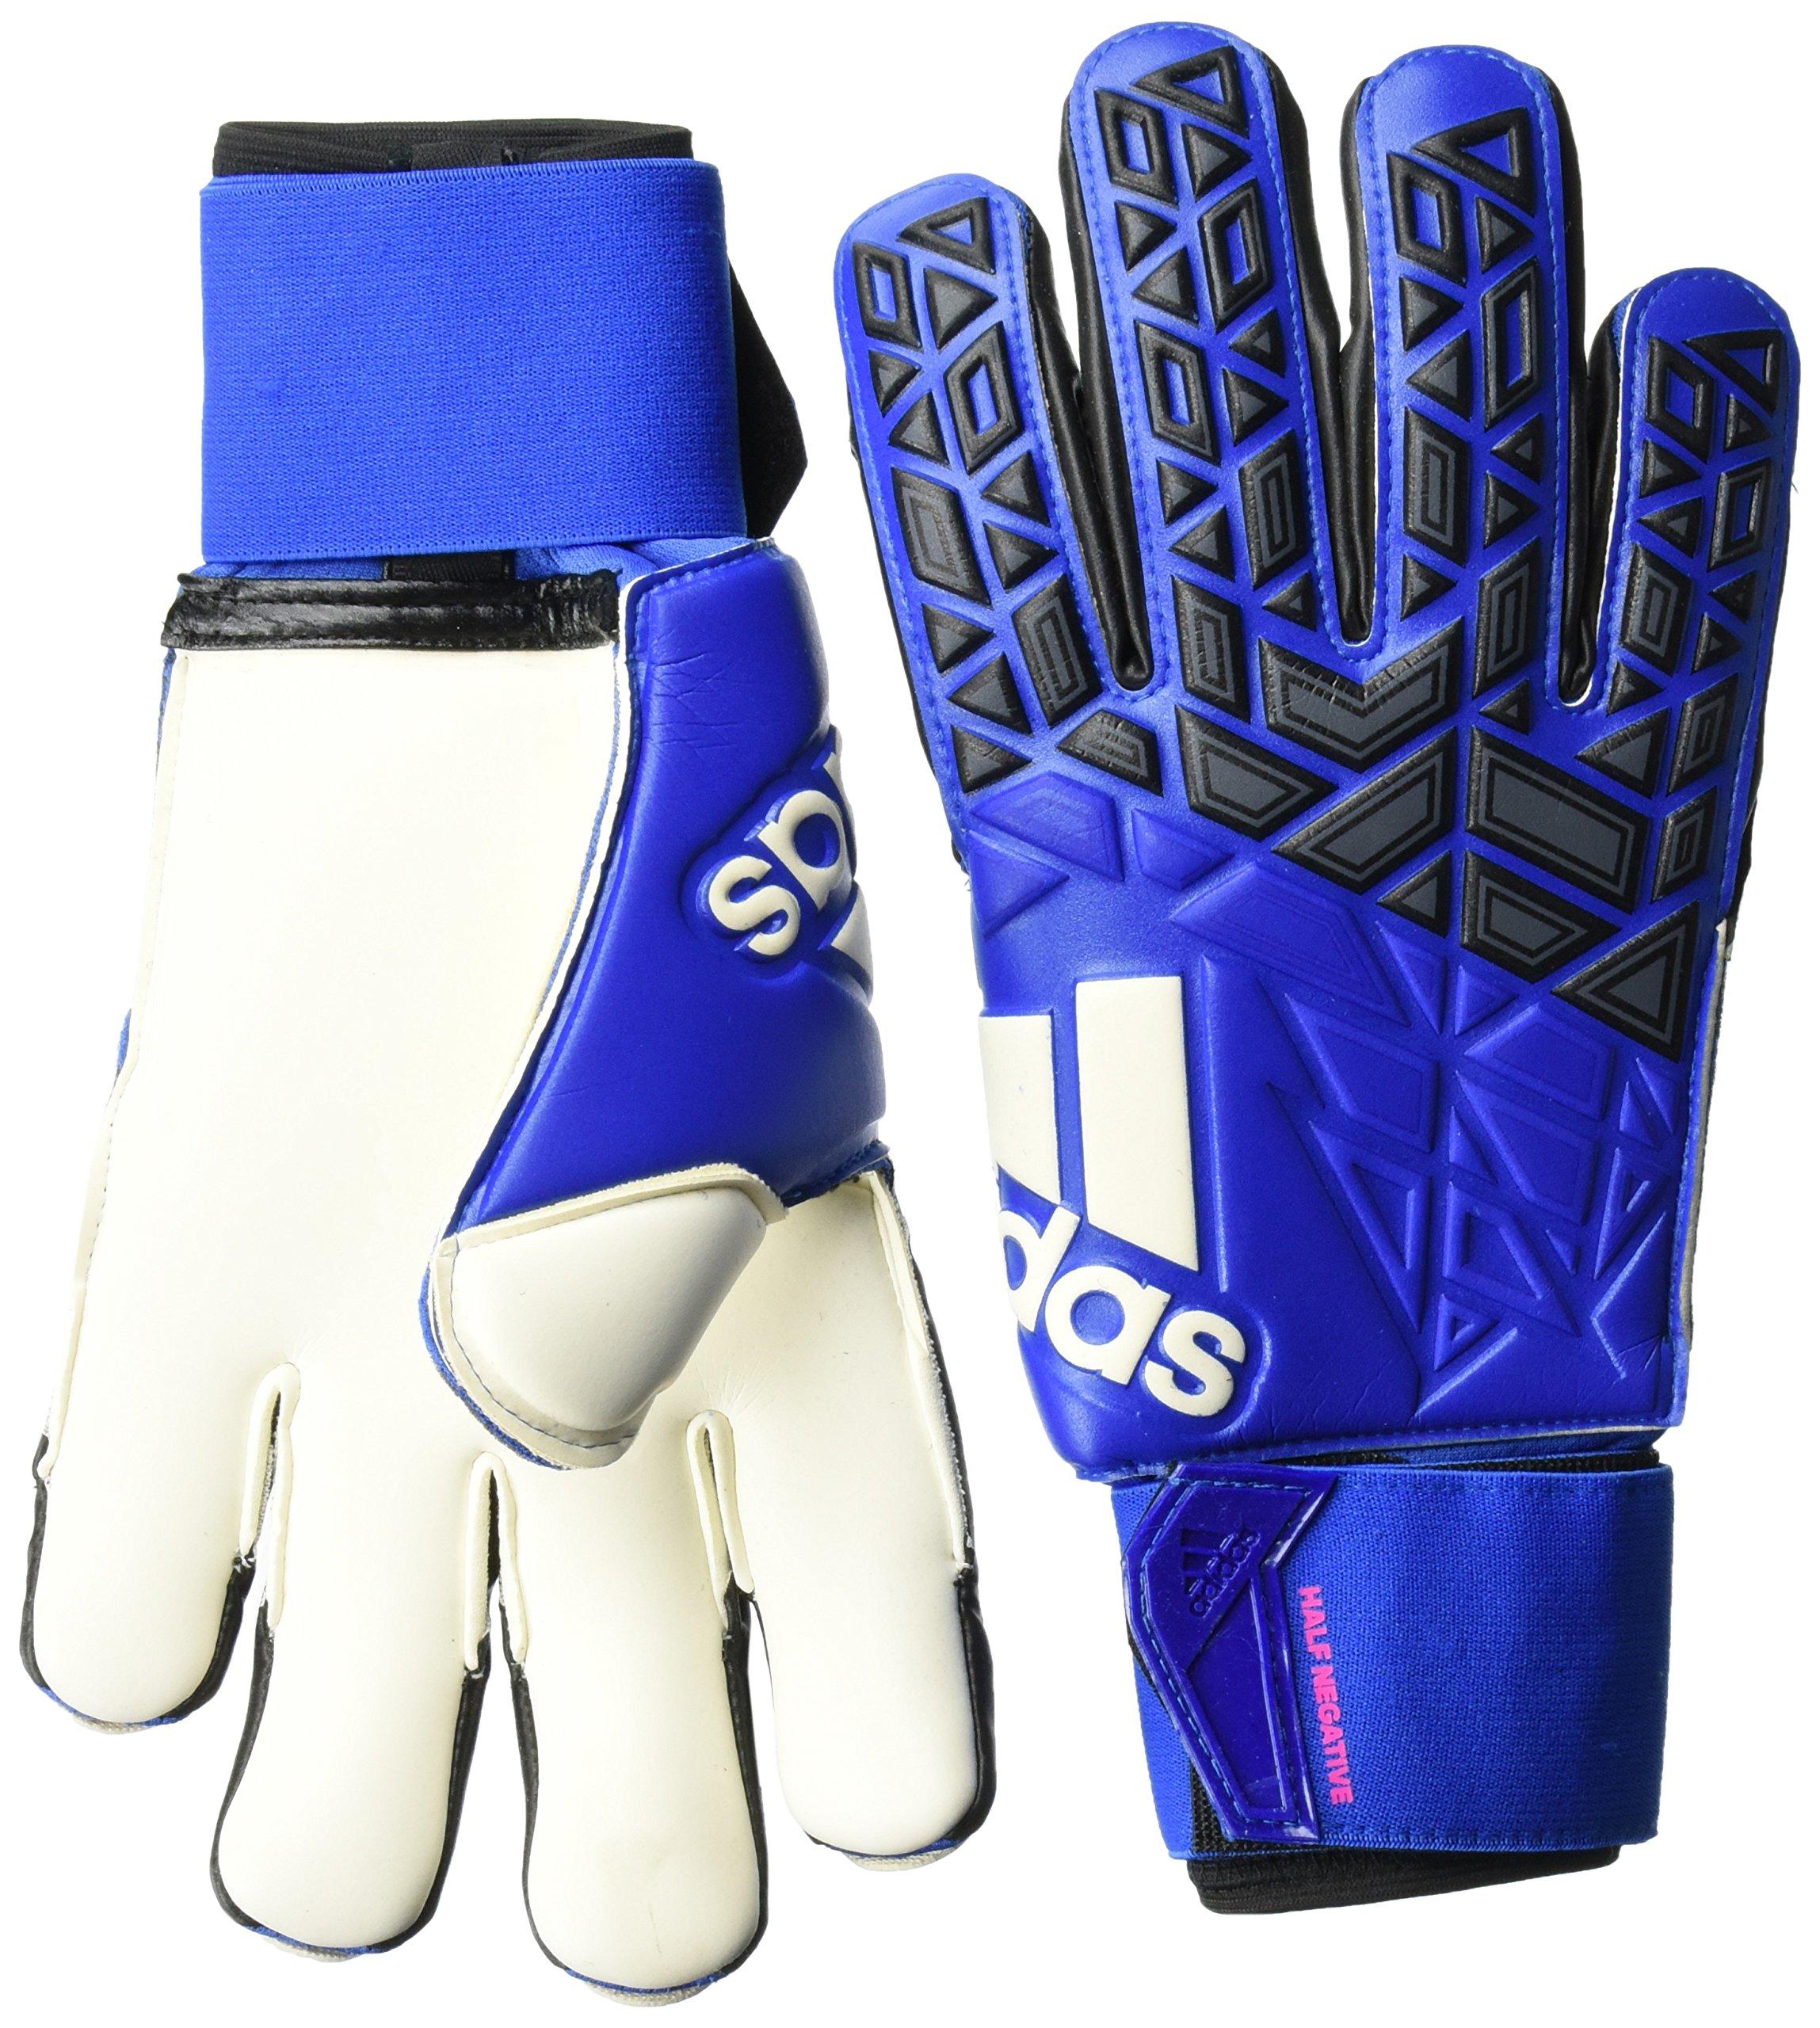 De vez en cuando Ambos Moda  adidas Ace Half Negative Goalkeeper Gloves, Unisex, ACE Half Negative- Buy  Online in Aruba at aruba.desertcart.com. ProductId : 54980032.